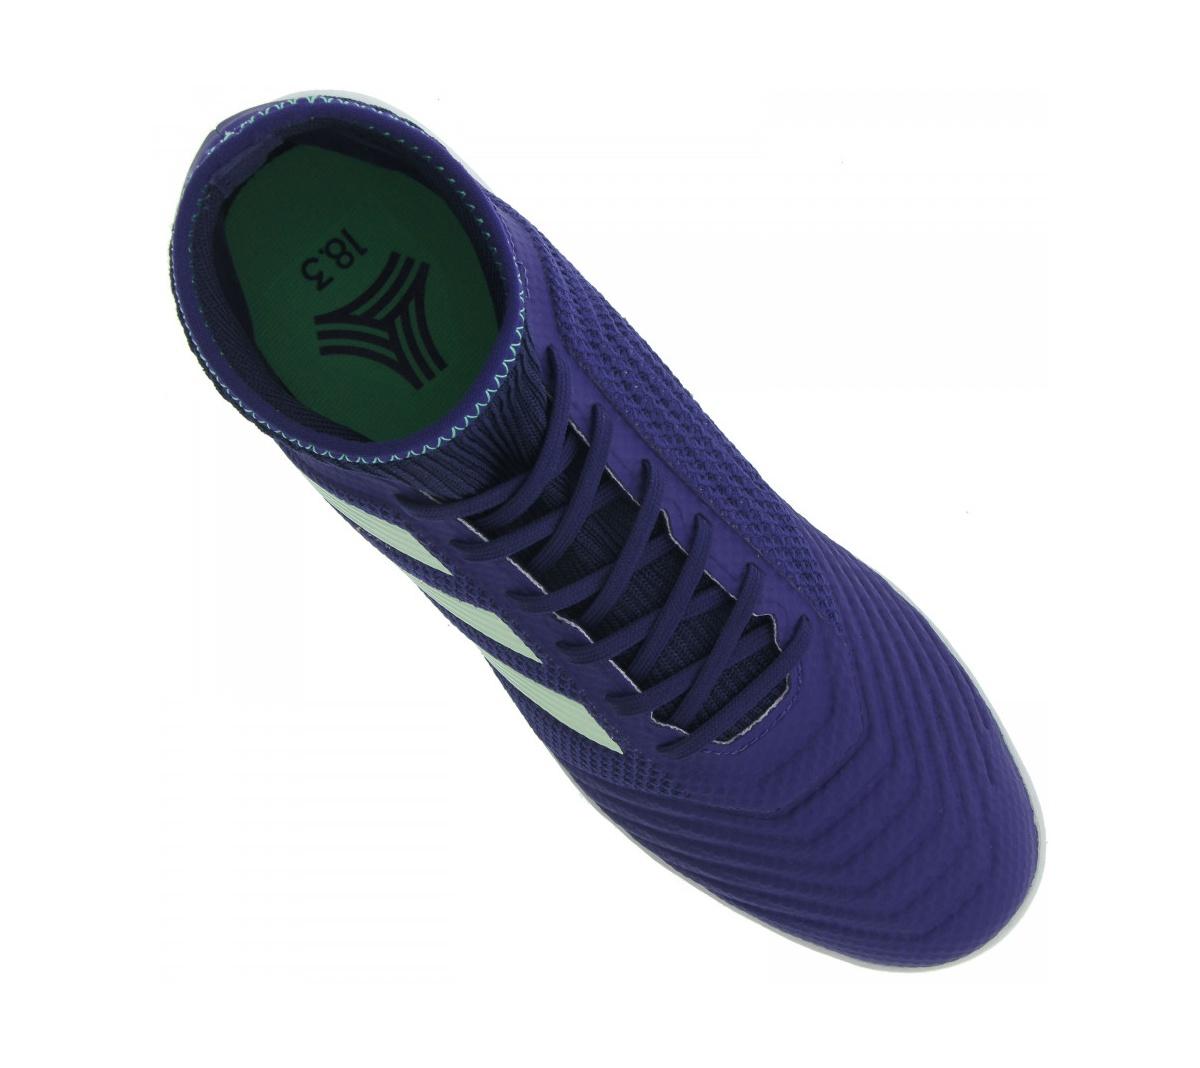 Chuteira Adidas Predator Tango 18.3 Society